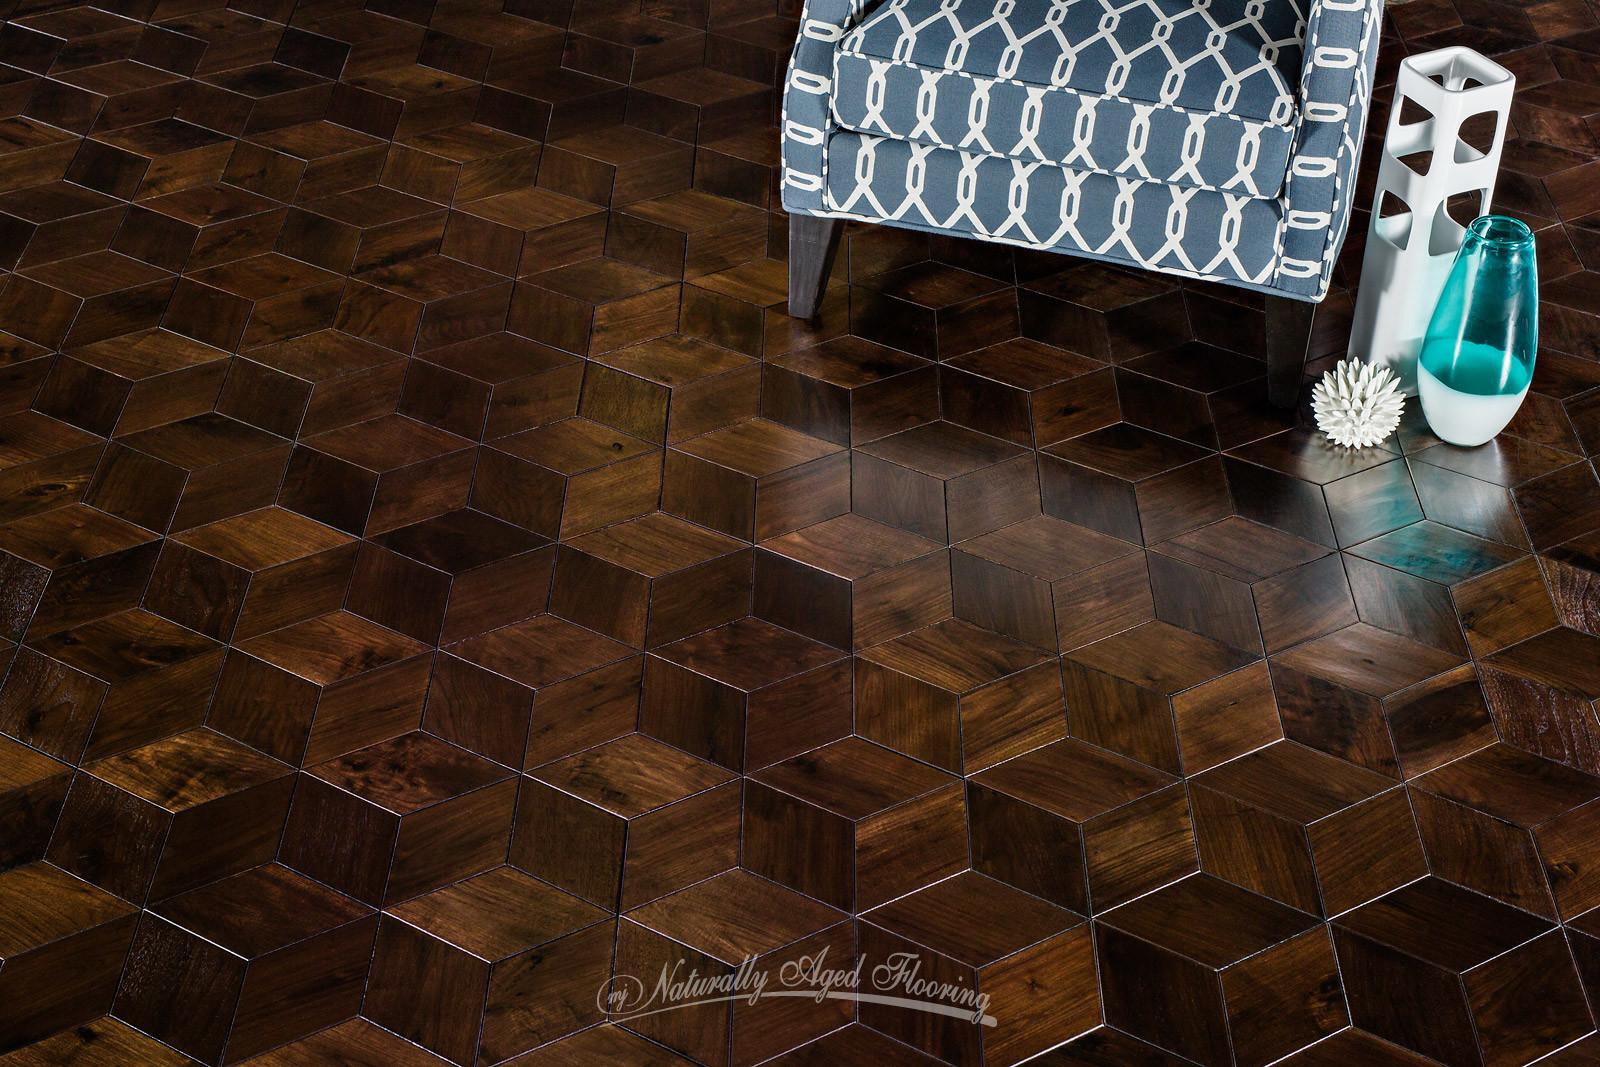 Custom Flooring  Naturally Aged Flooring